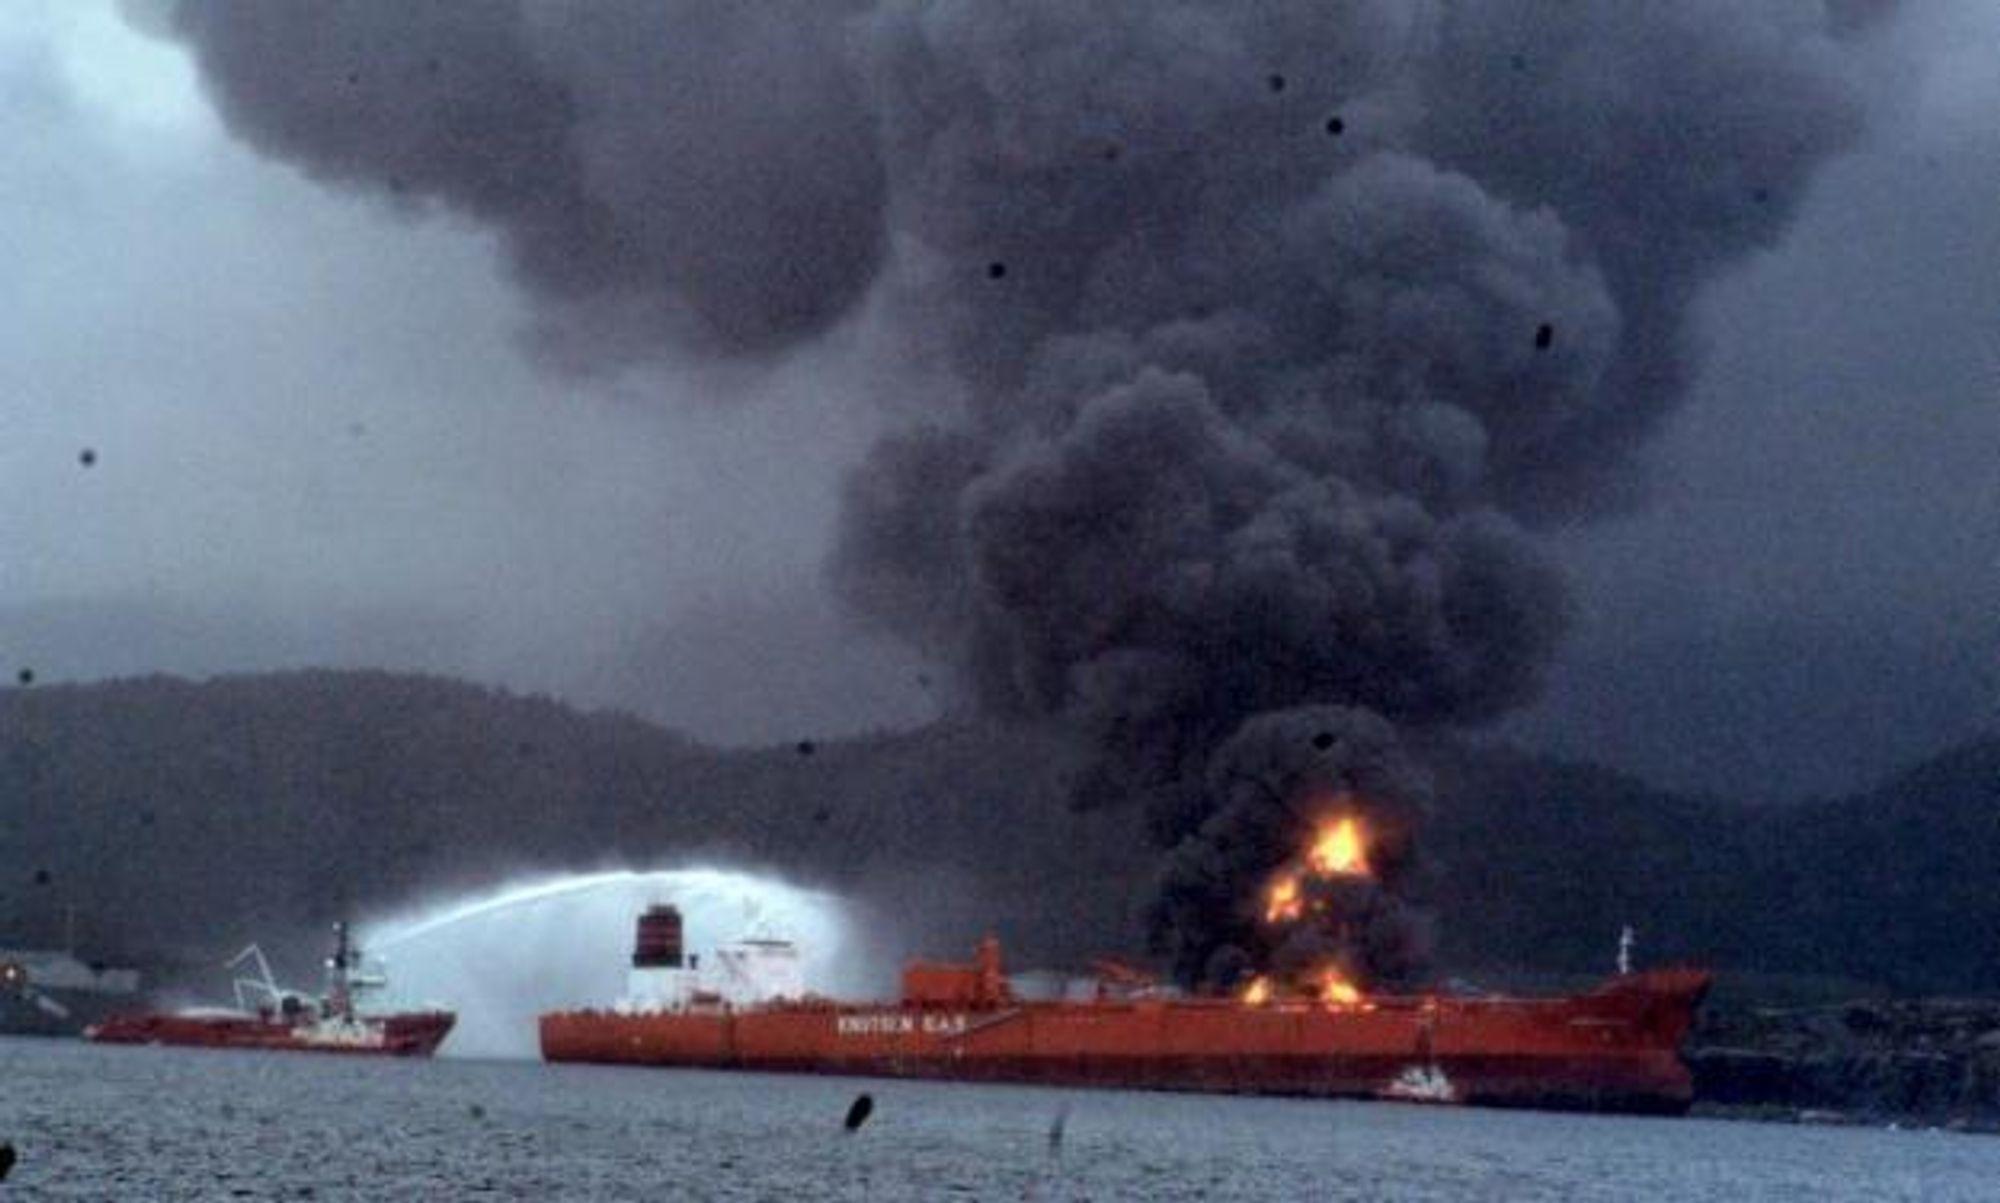 EKSPLOSJONSBRANN: En tank eksploderte på industriområdet til Vest Tank  ved Sløvåg i Gulen. Trafigura, selskapet som leverte det farlige avfallet, går nå fri.